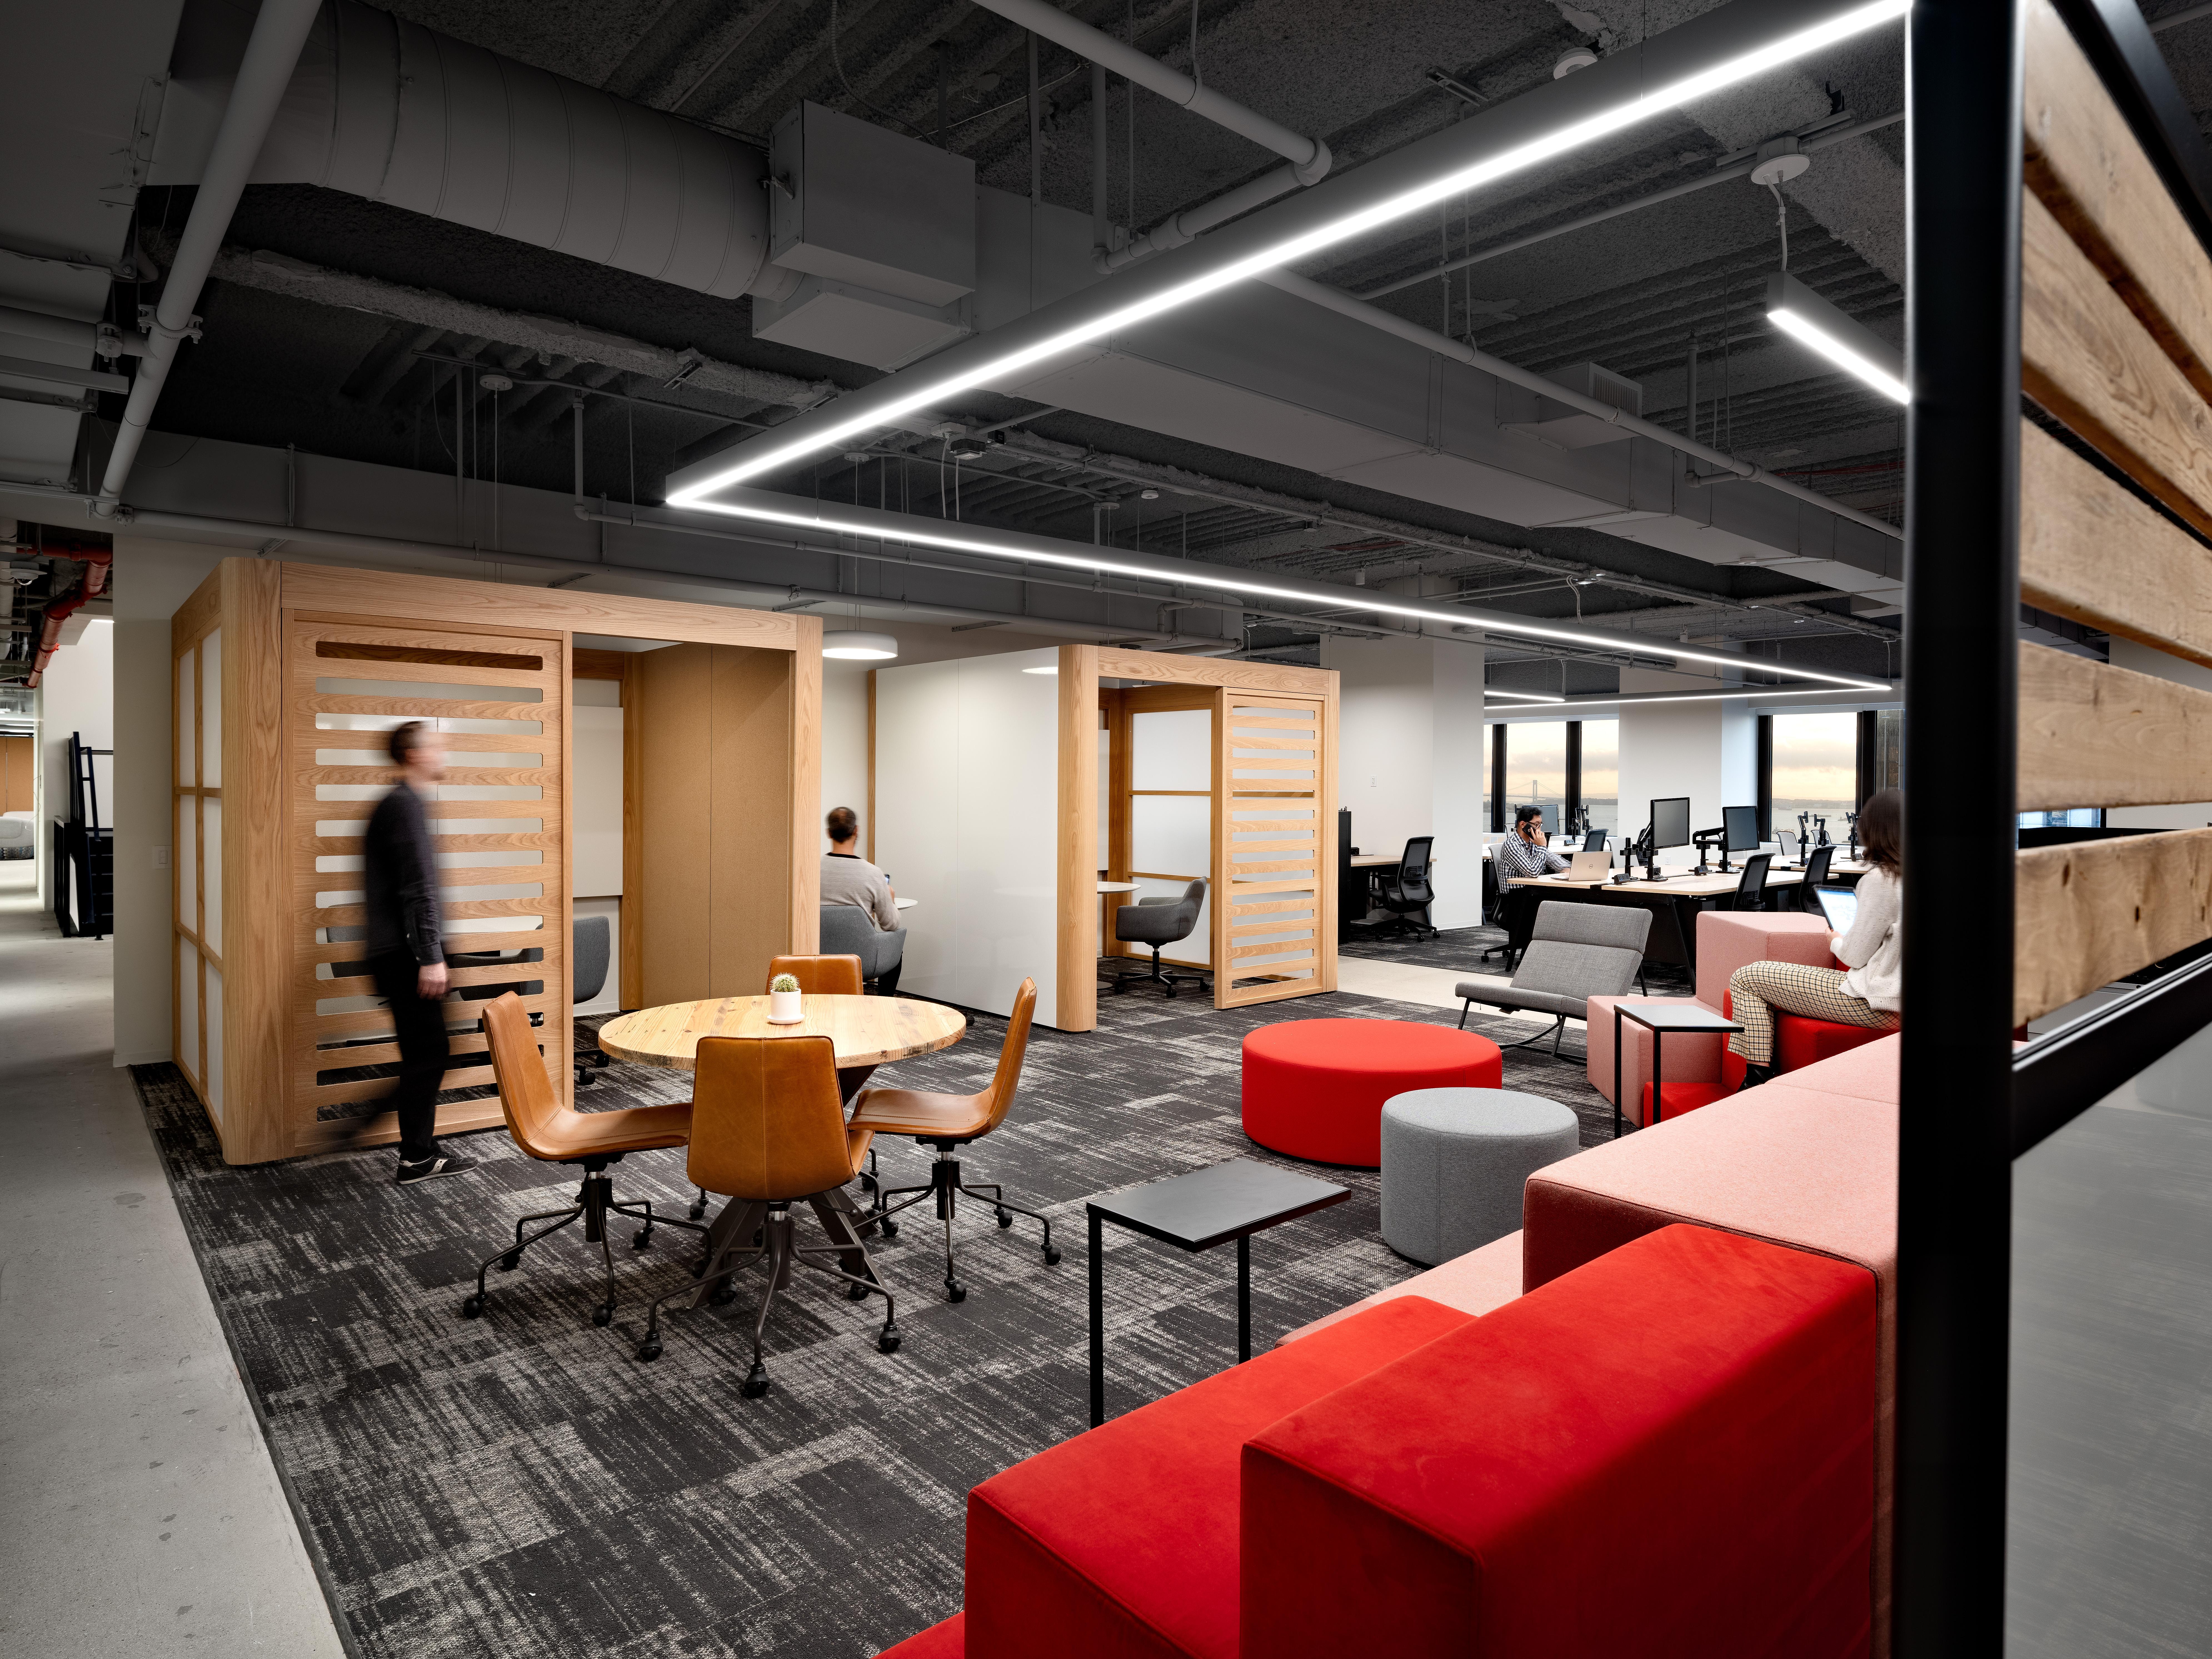 JW_open workspace2